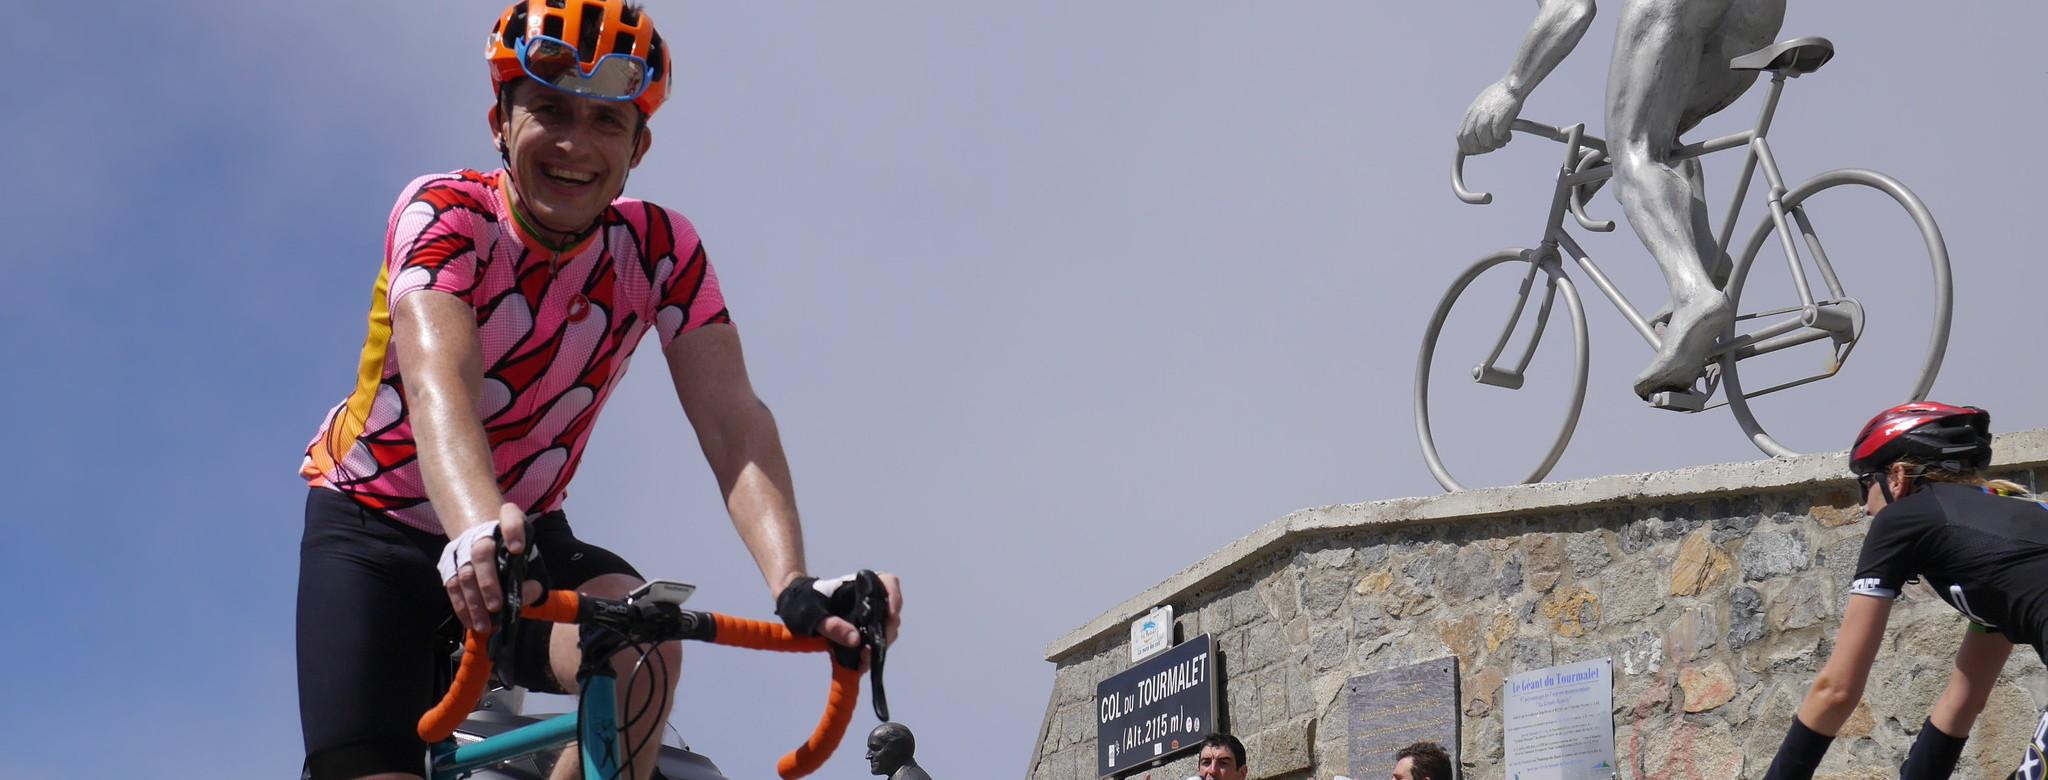 Sehnsucht: quäldich-Reisen ins Herz des Radsports